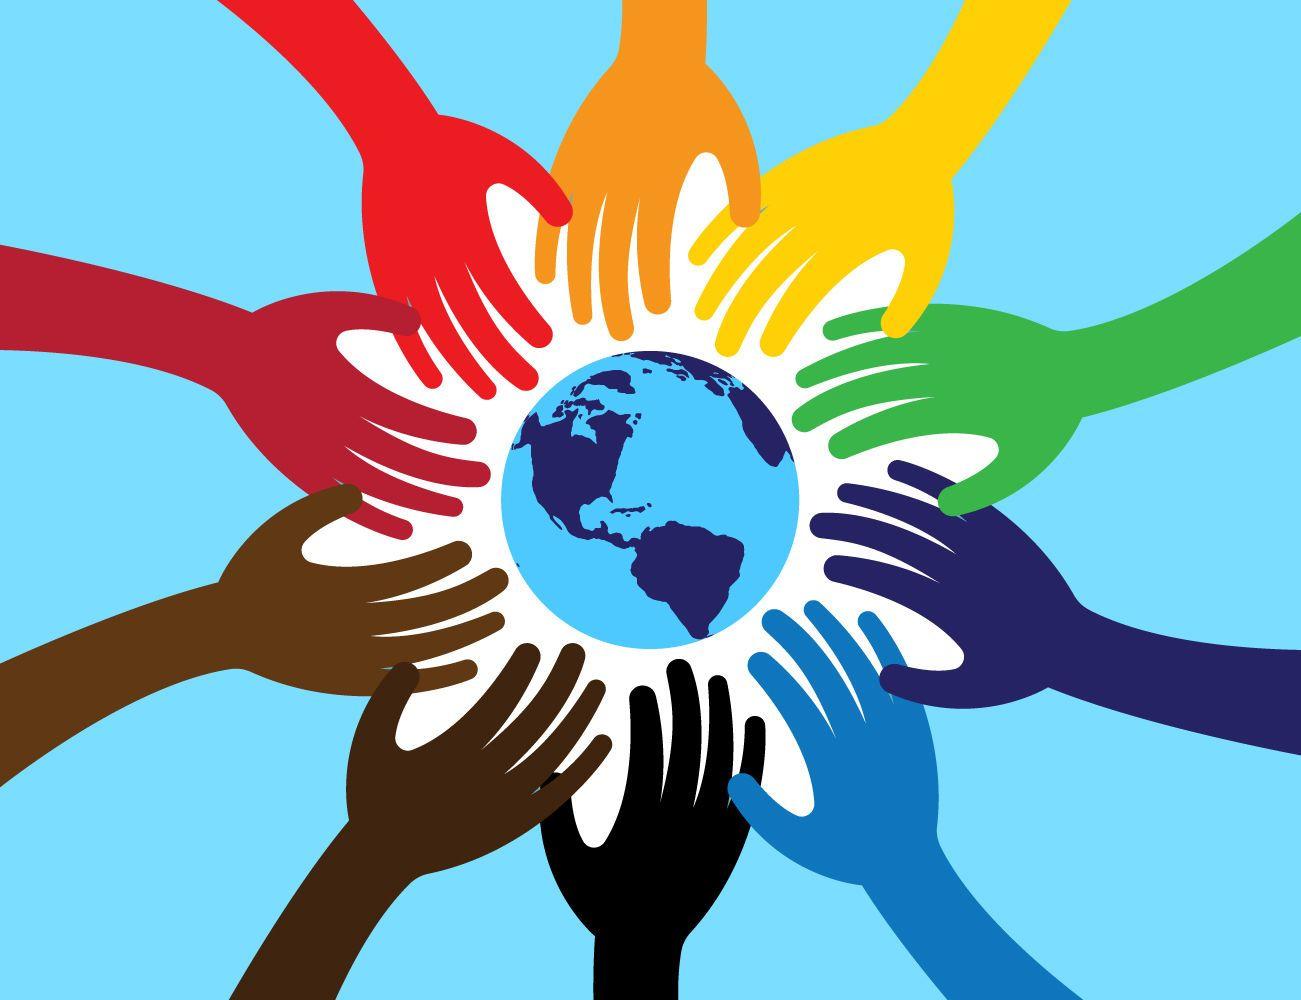 Mundo unido com as mãos